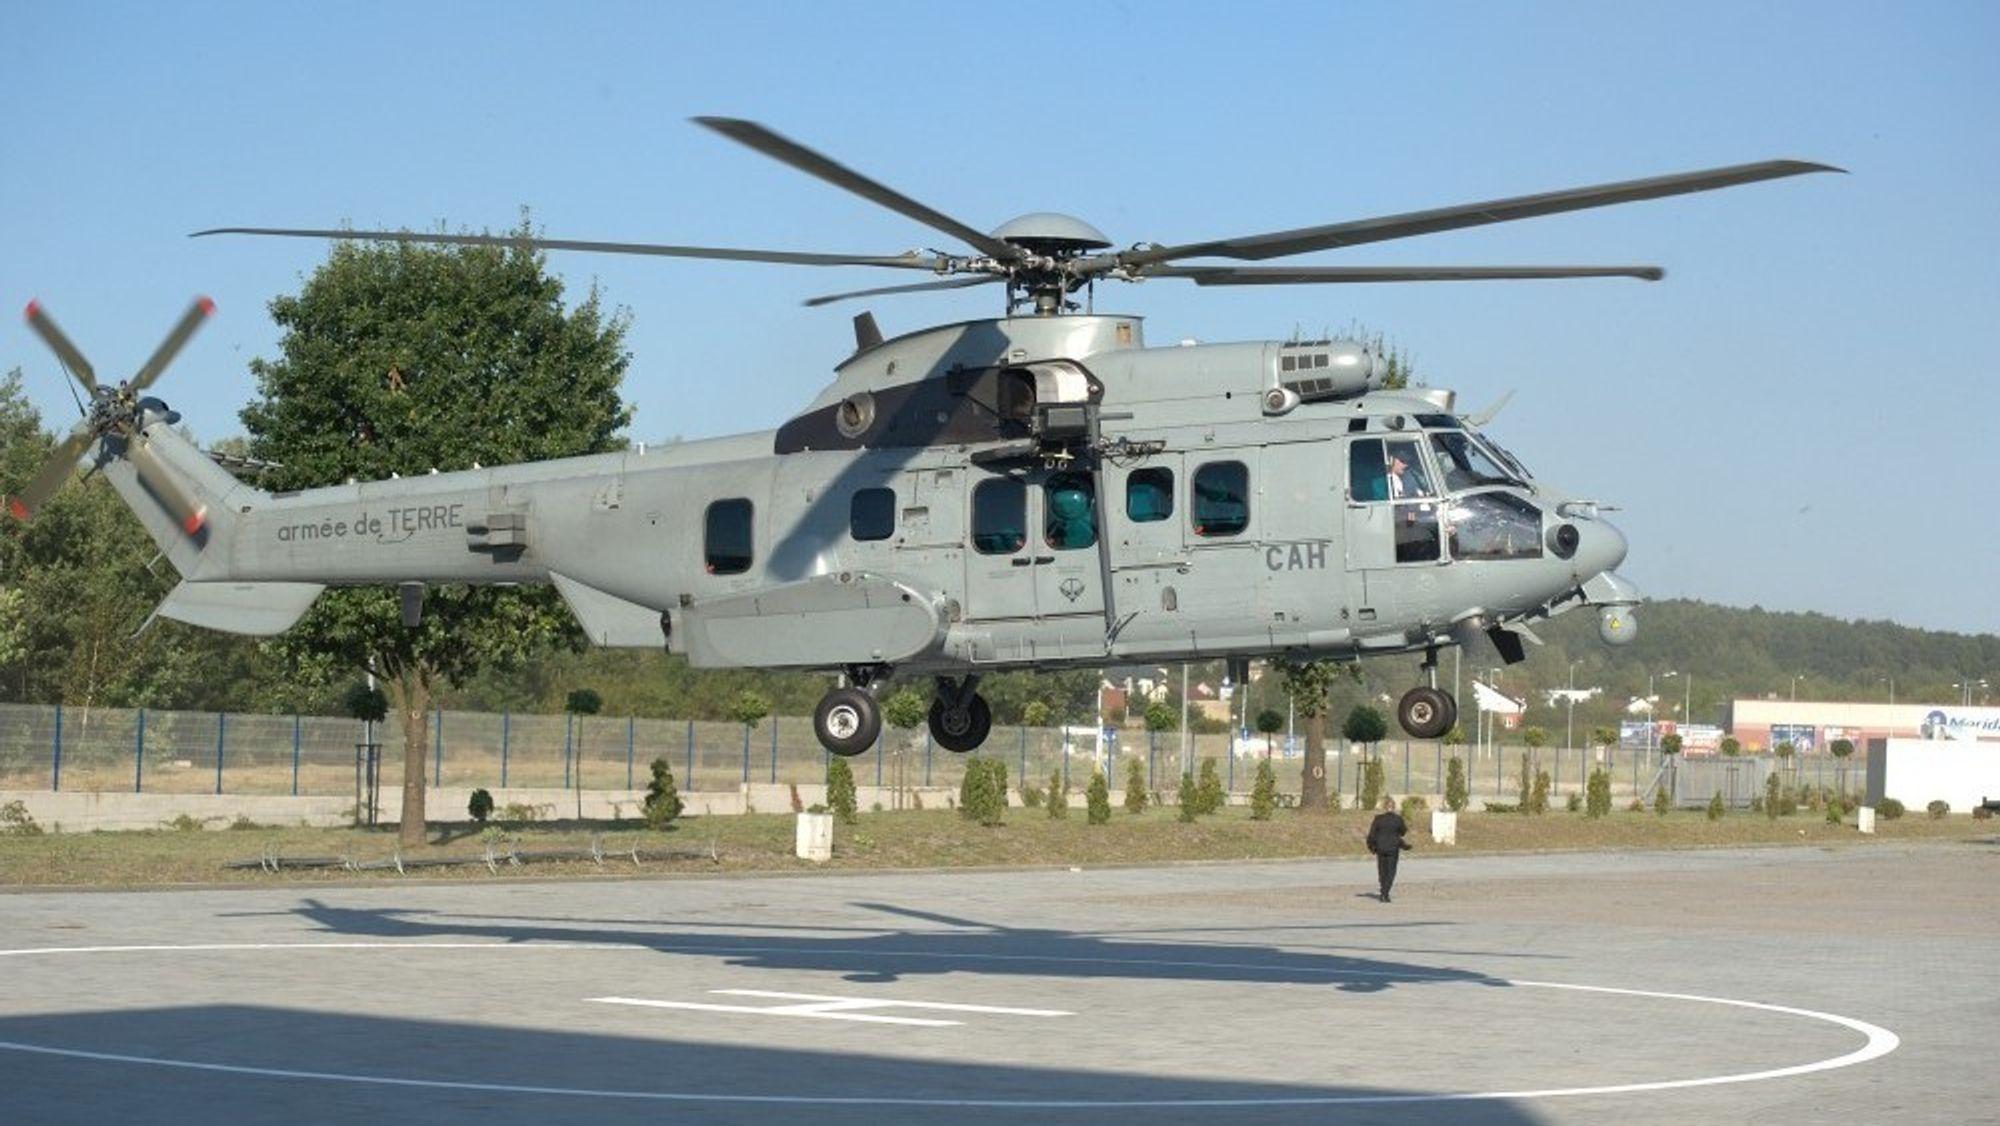 H225M Caraca lander i Polen tidligere denne uka. Dersom alt klaffer for Airbus Helicopters, har de solgt hele 80 slike helikoptre på en måned.